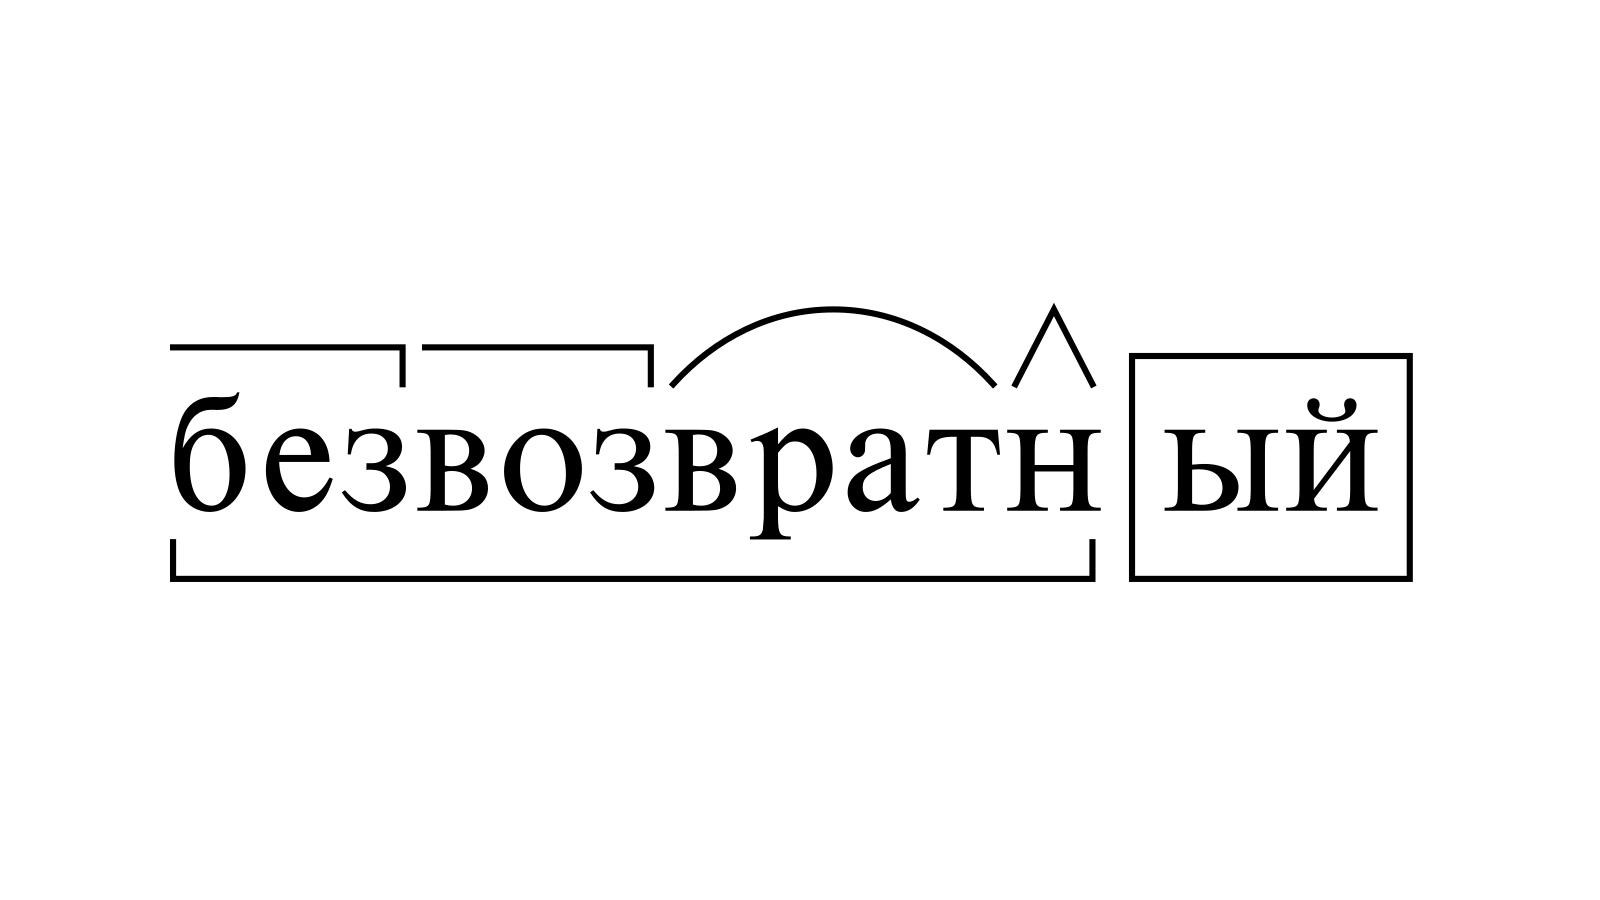 Разбор слова «безвозвратный» по составу